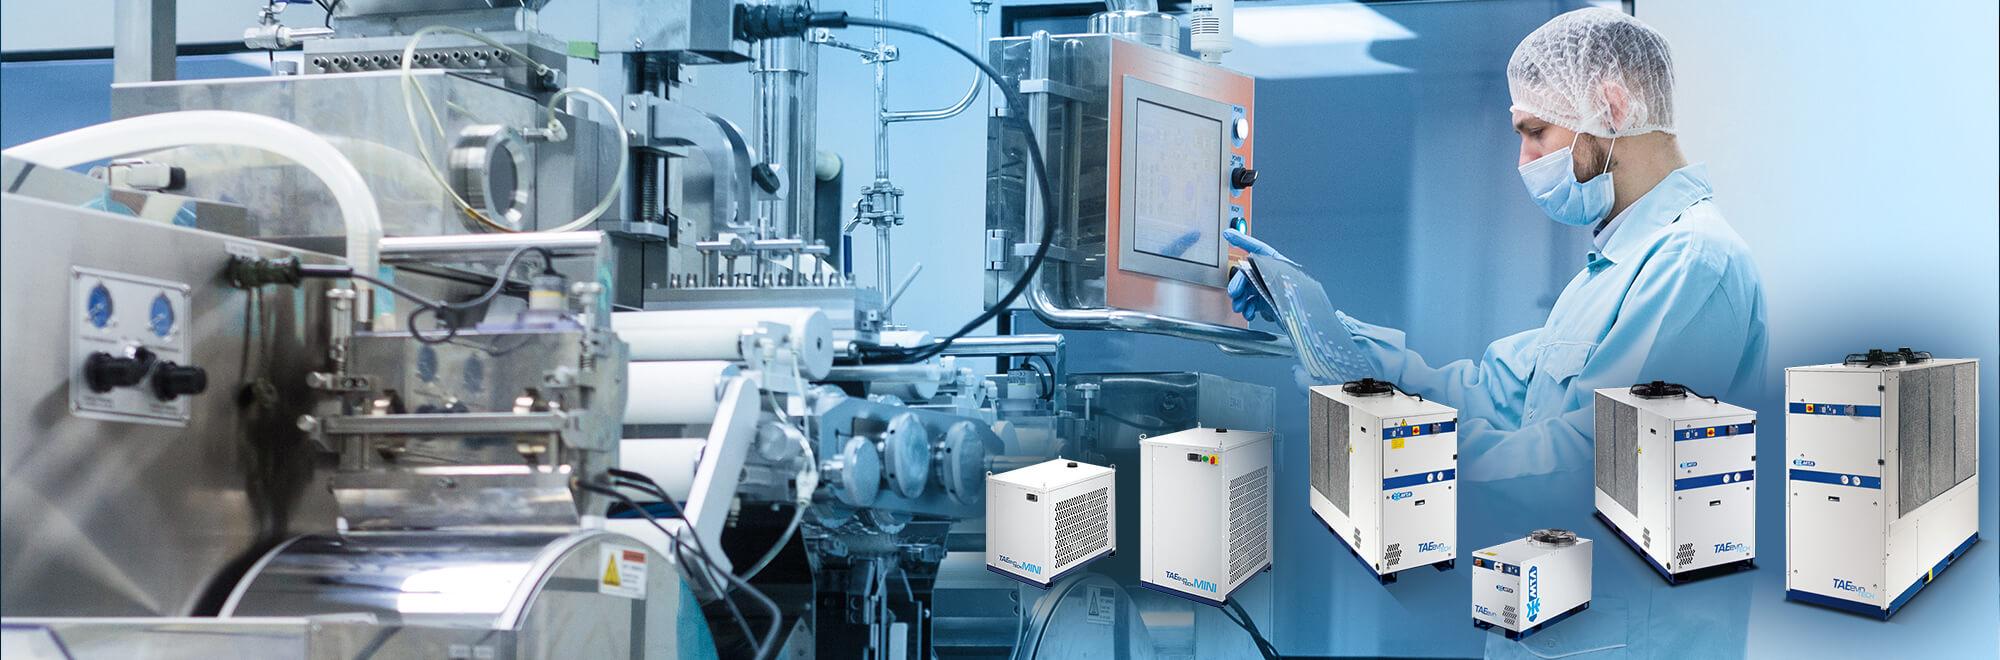 Kühltechnik & Klimatechnik